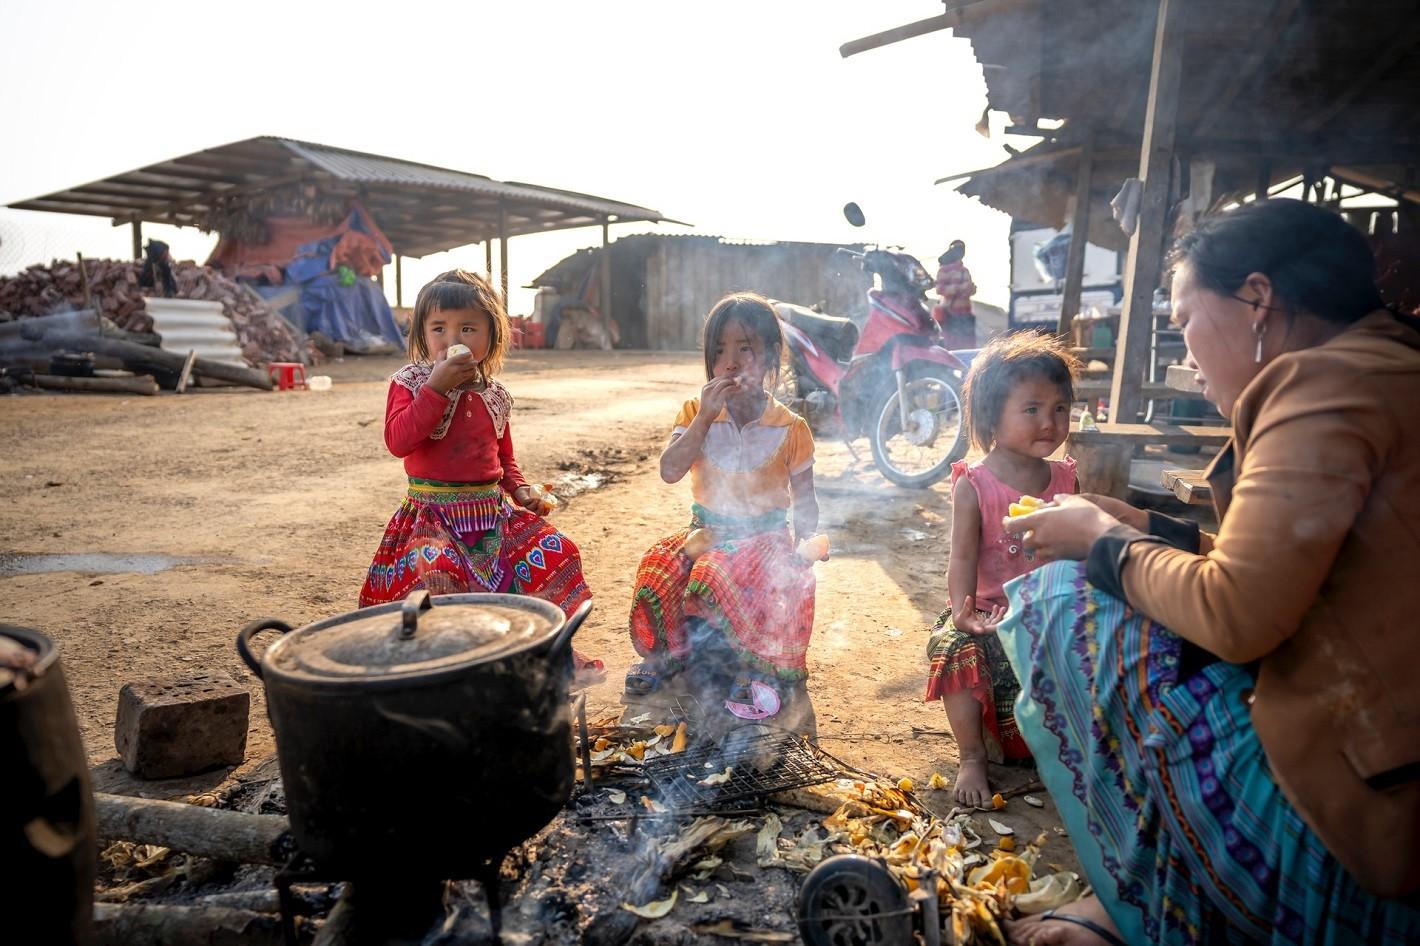 niños pobres en un campamento